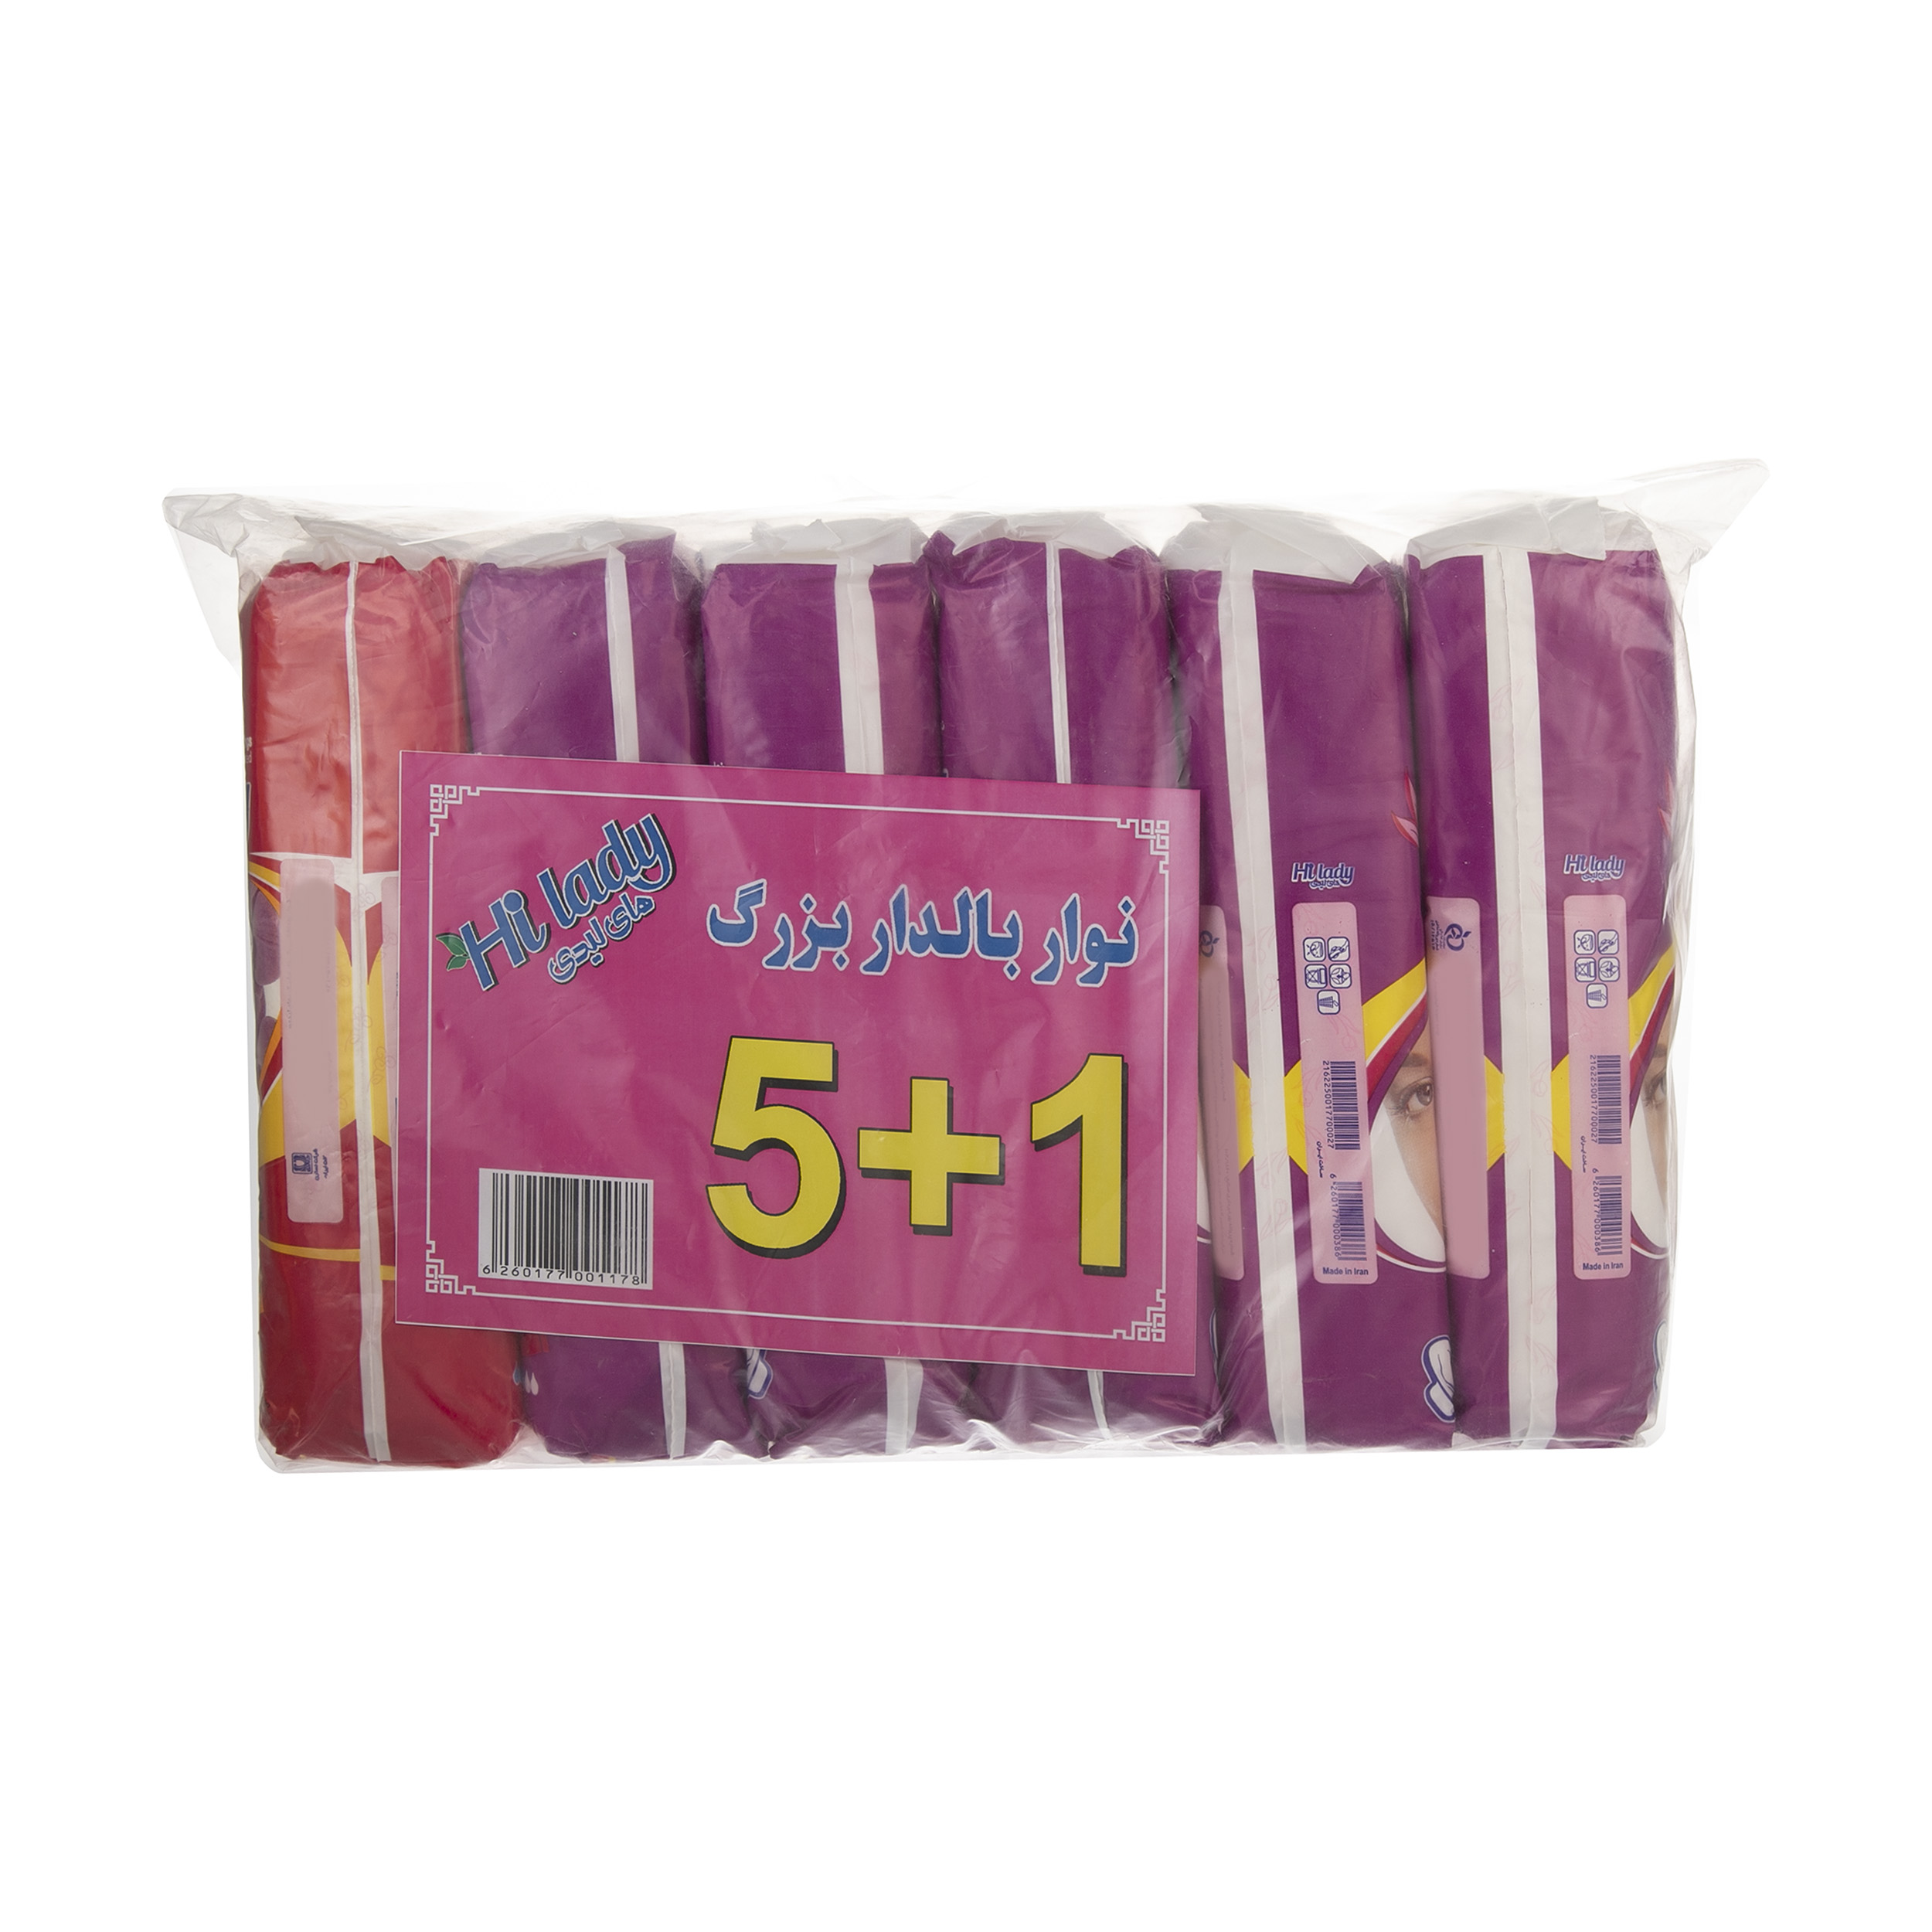 نوار بهداشتی بالدار بزرگ های لیدی مدل Perforated مجموعه 6 عددی